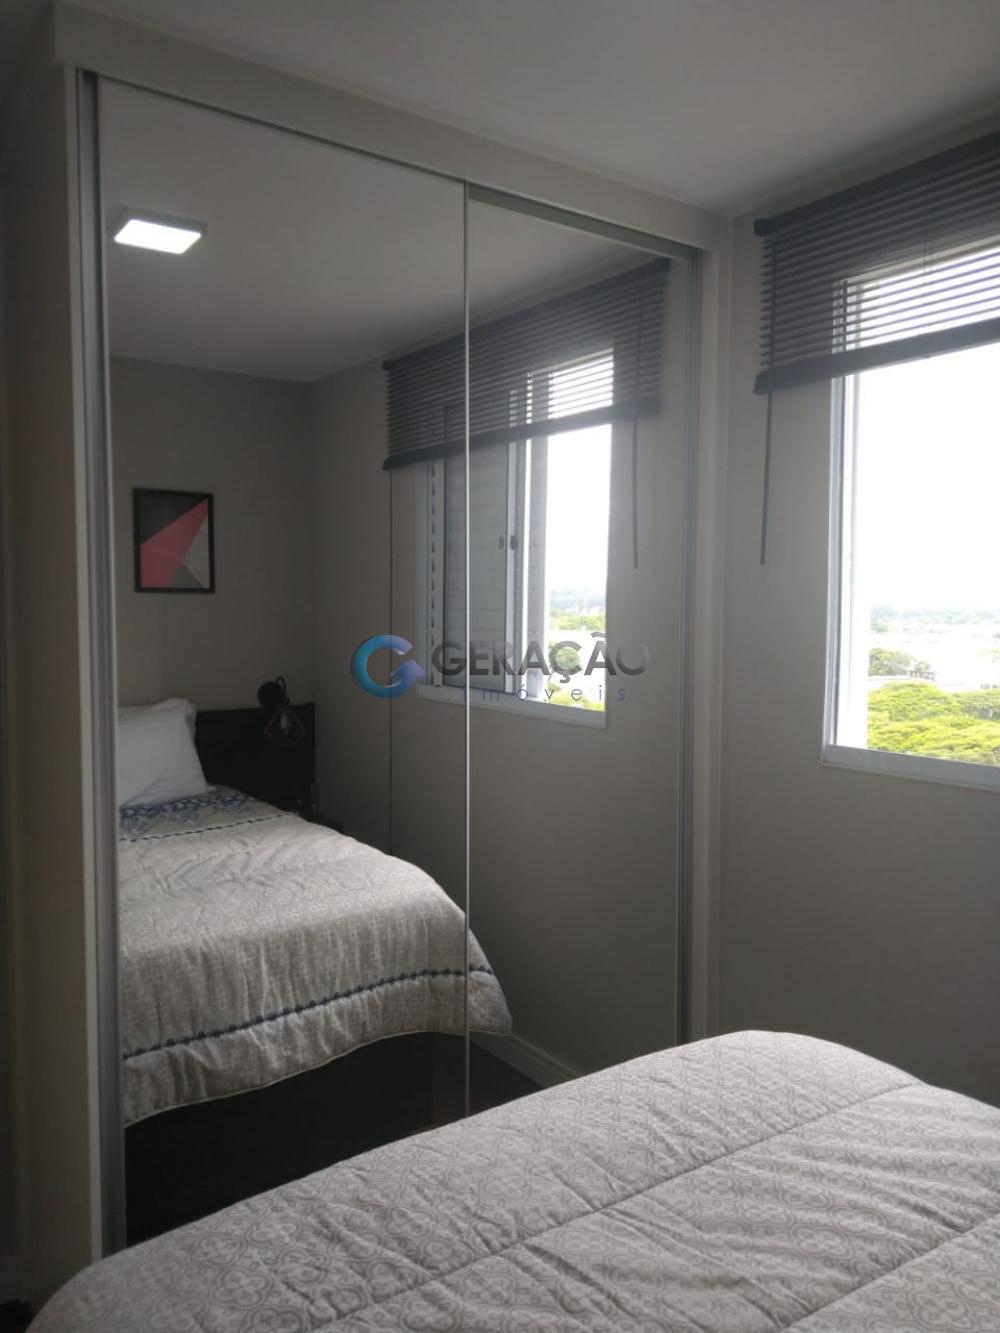 Comprar Apartamento / Padrão em São José dos Campos apenas R$ 293.000,00 - Foto 8